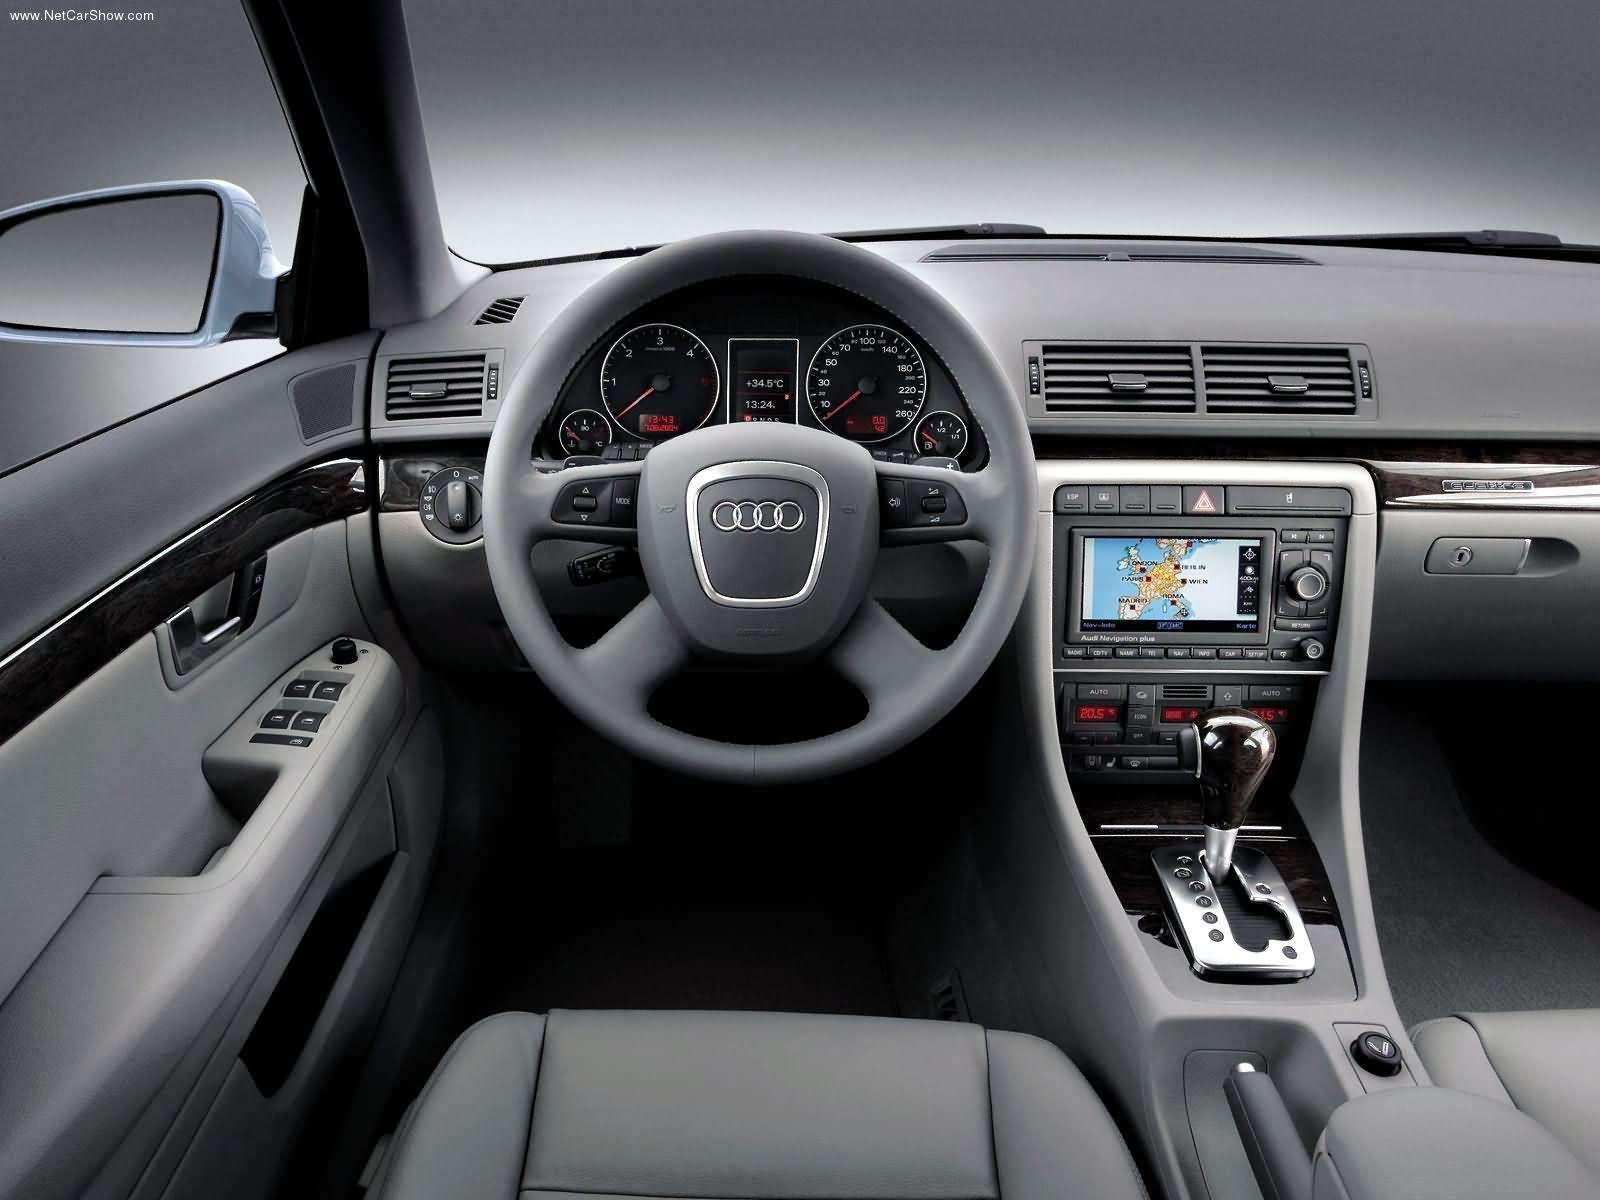 Audi a4 sedan 2004 audi a4 sedan 2004